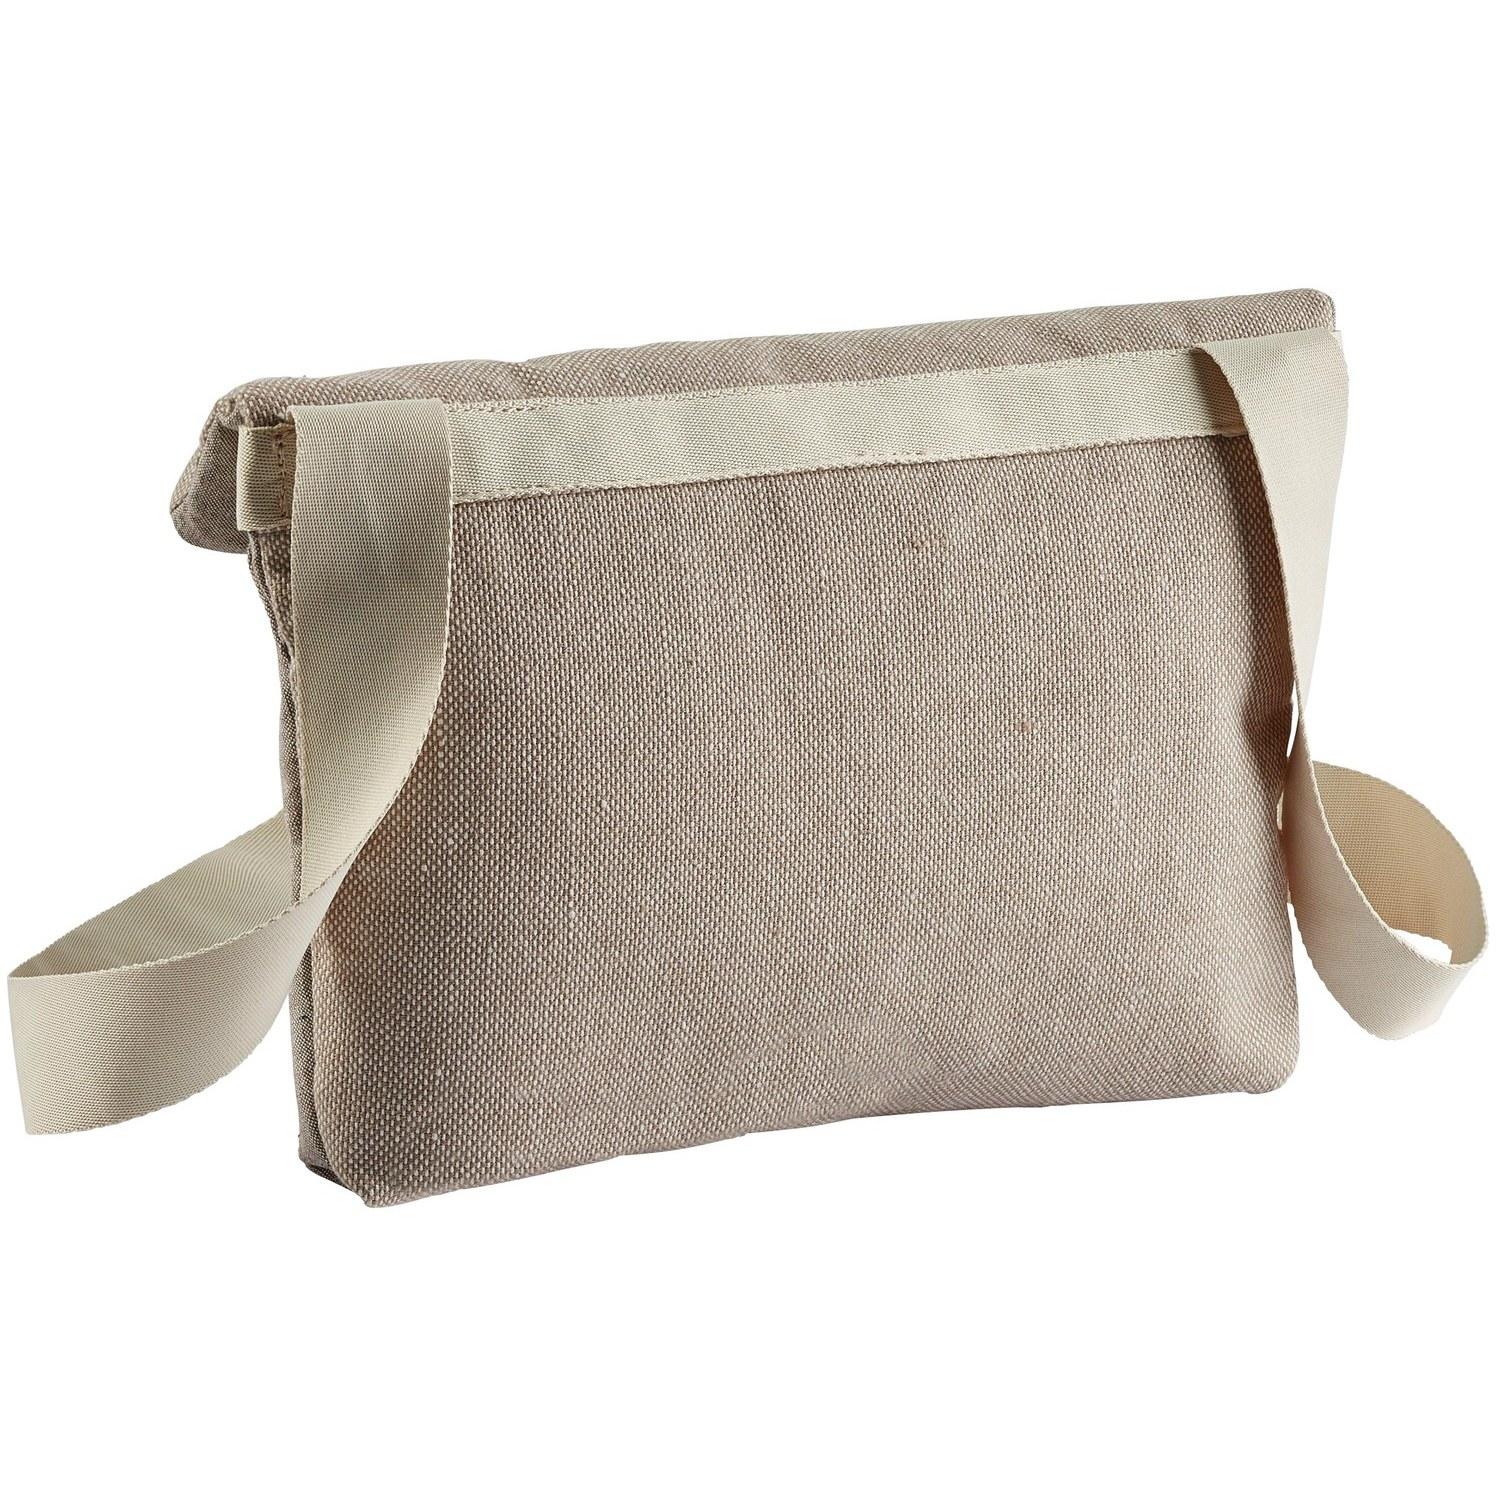 Image of Vaude Melia Shoulder Bag - boulder